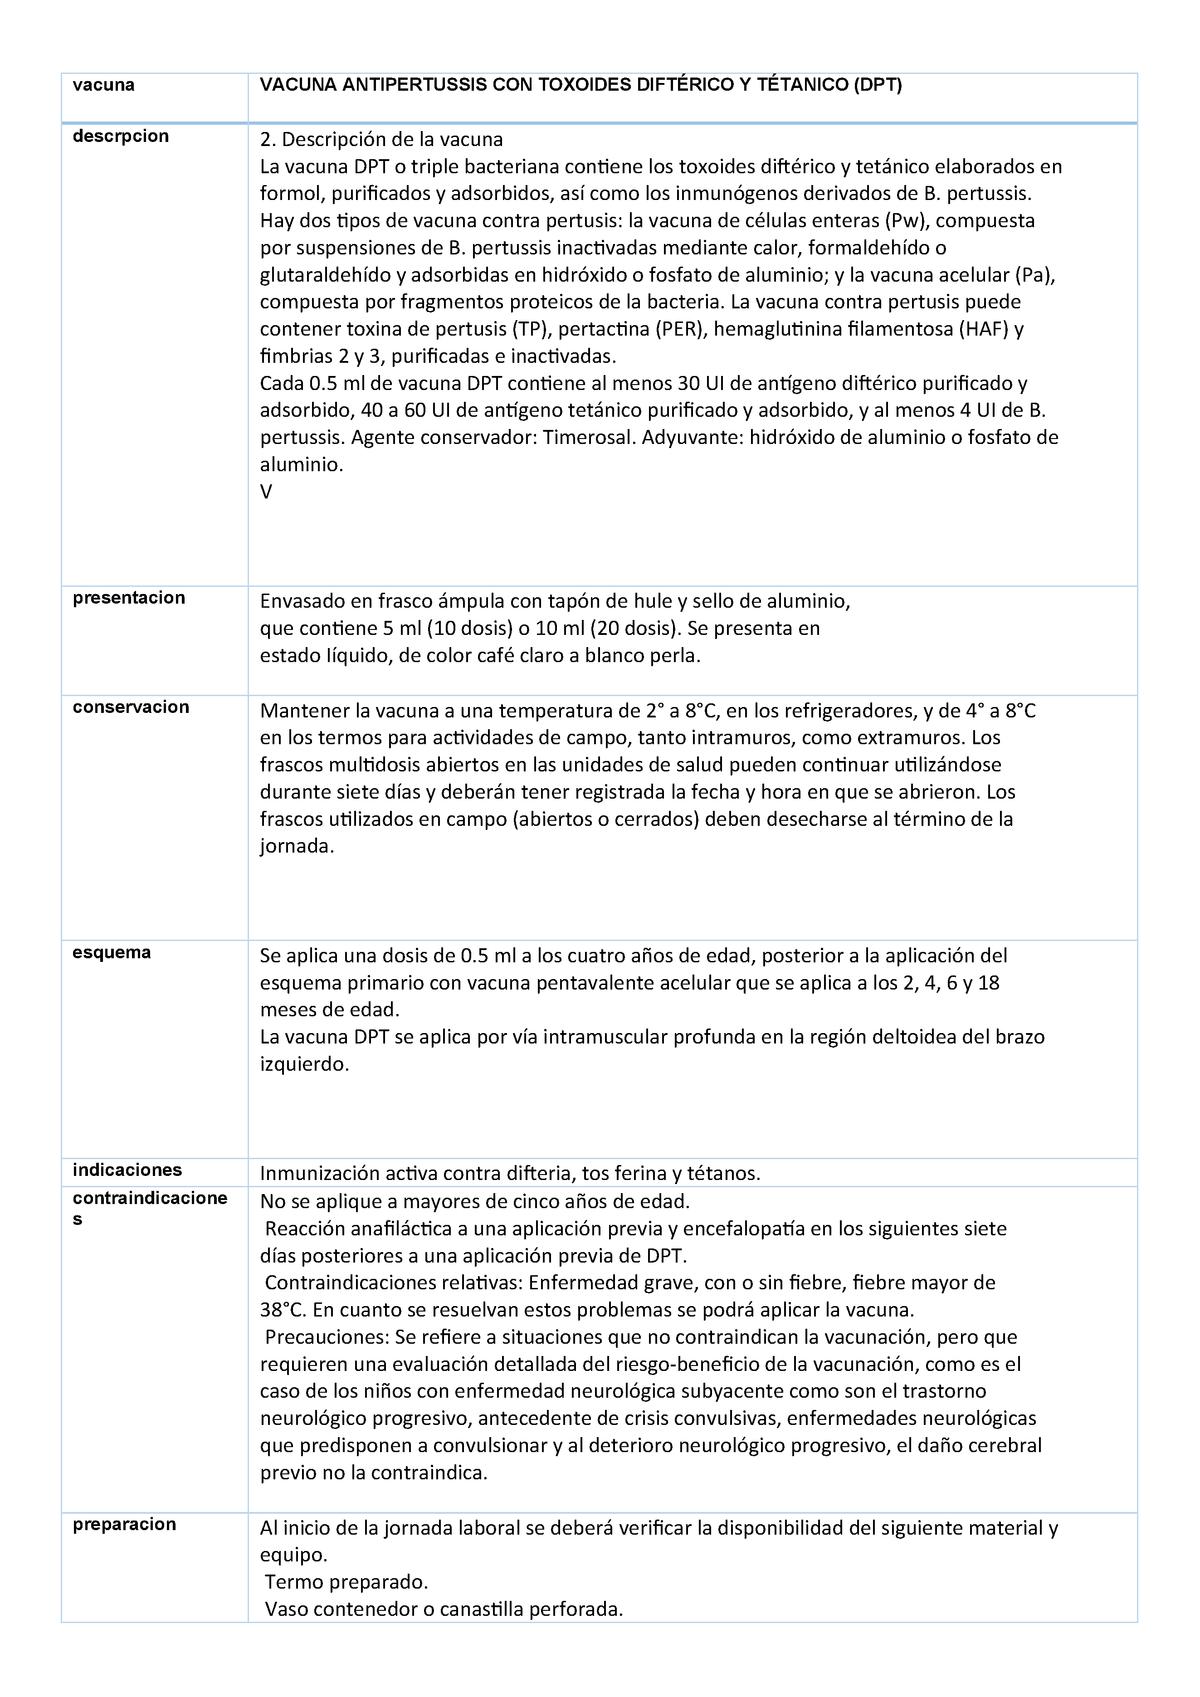 componentes de la vacuna dpt